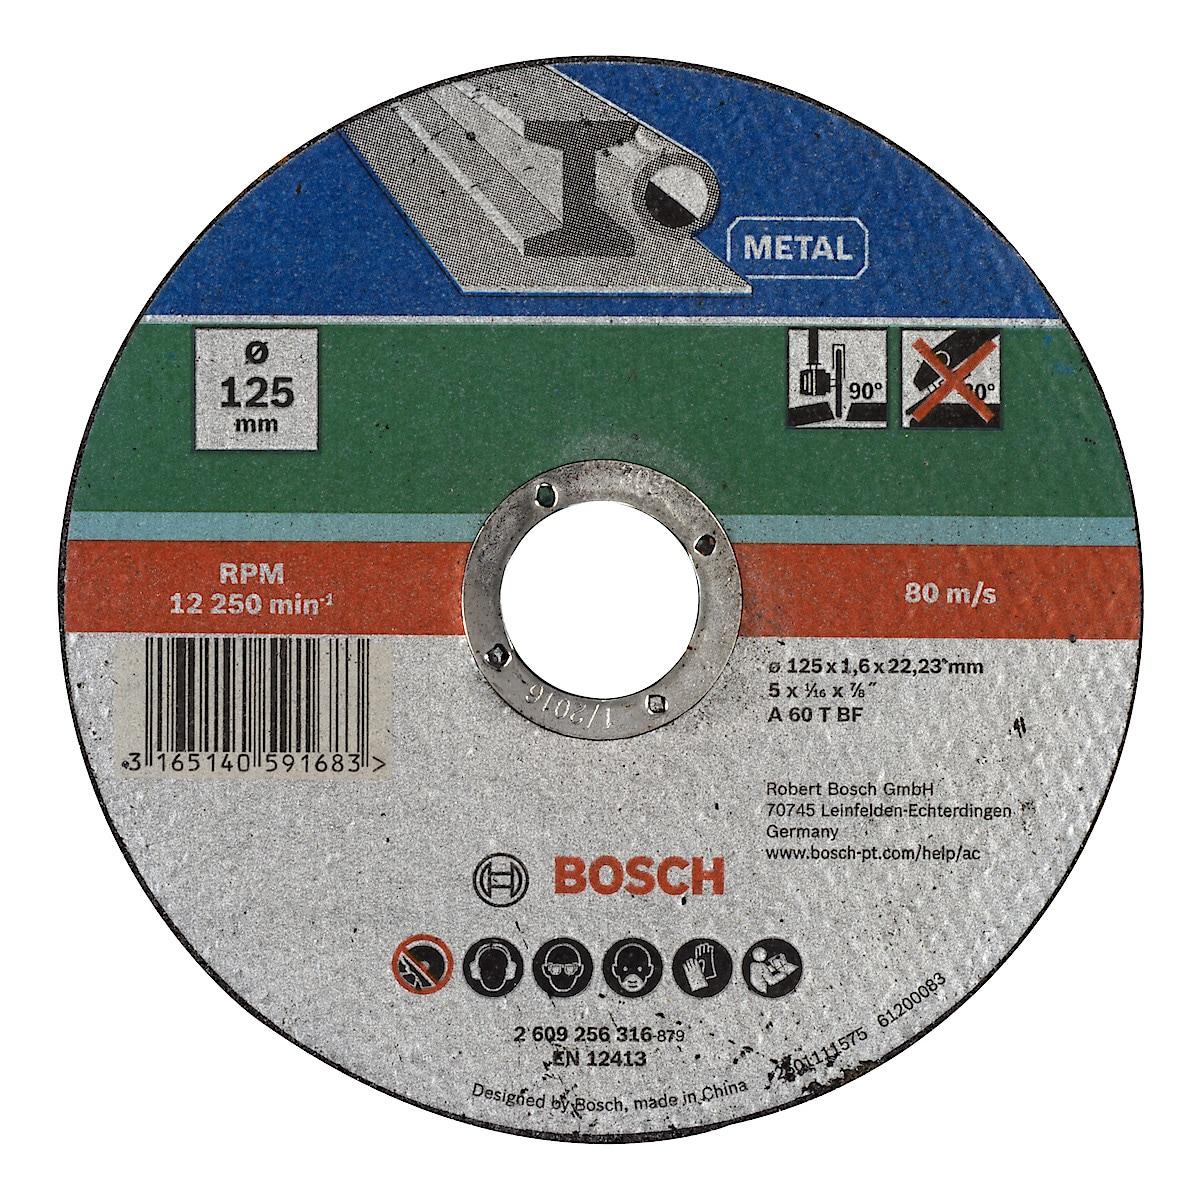 Kapskiva för metall 125 mm, Bosch